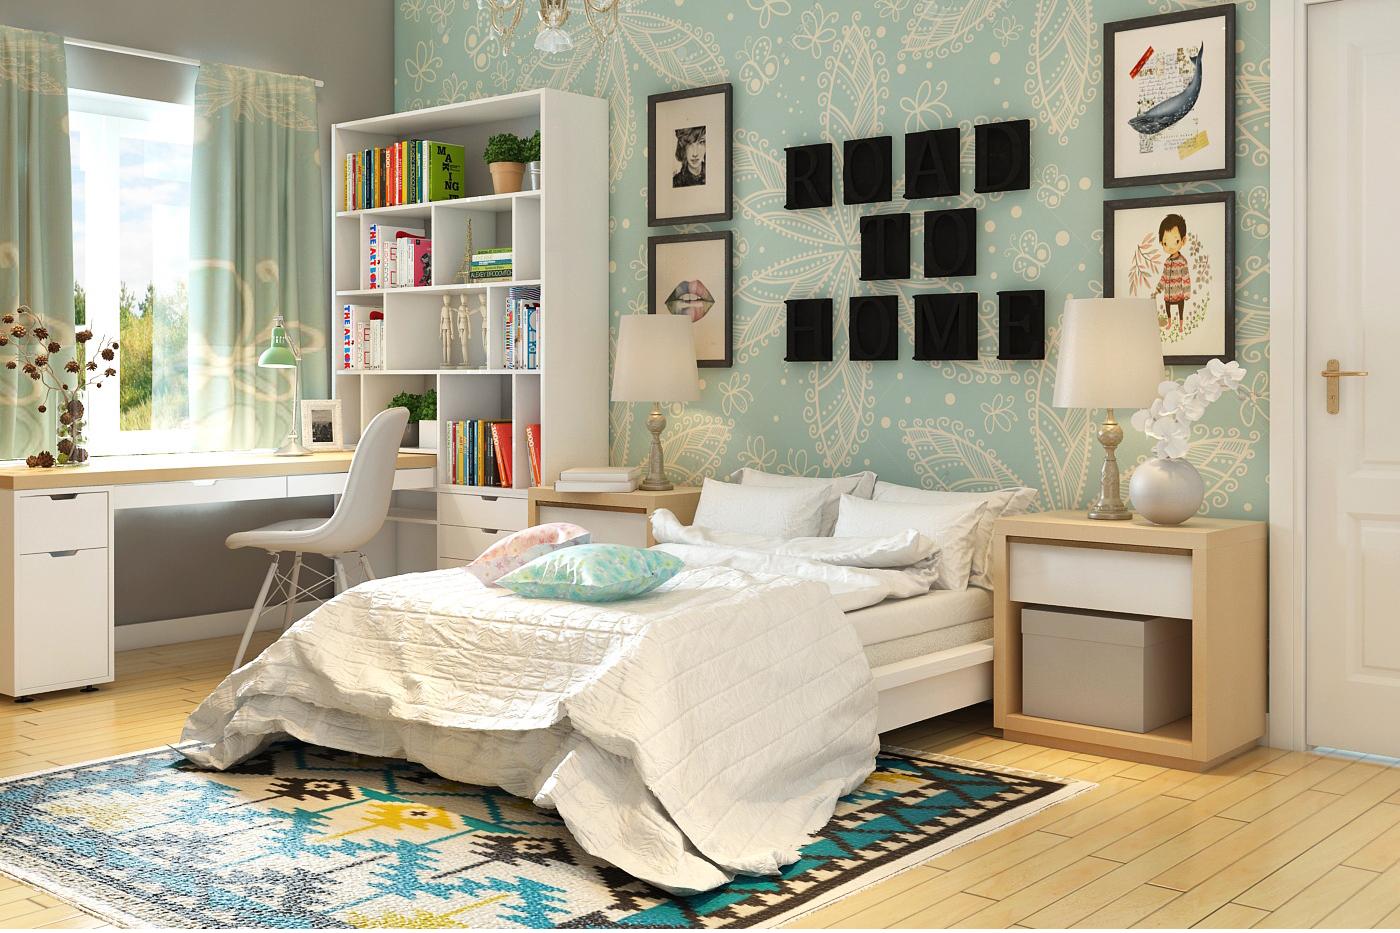 Nội thất phòng ngủ bé gái con chú Tuấn - Điện Biên